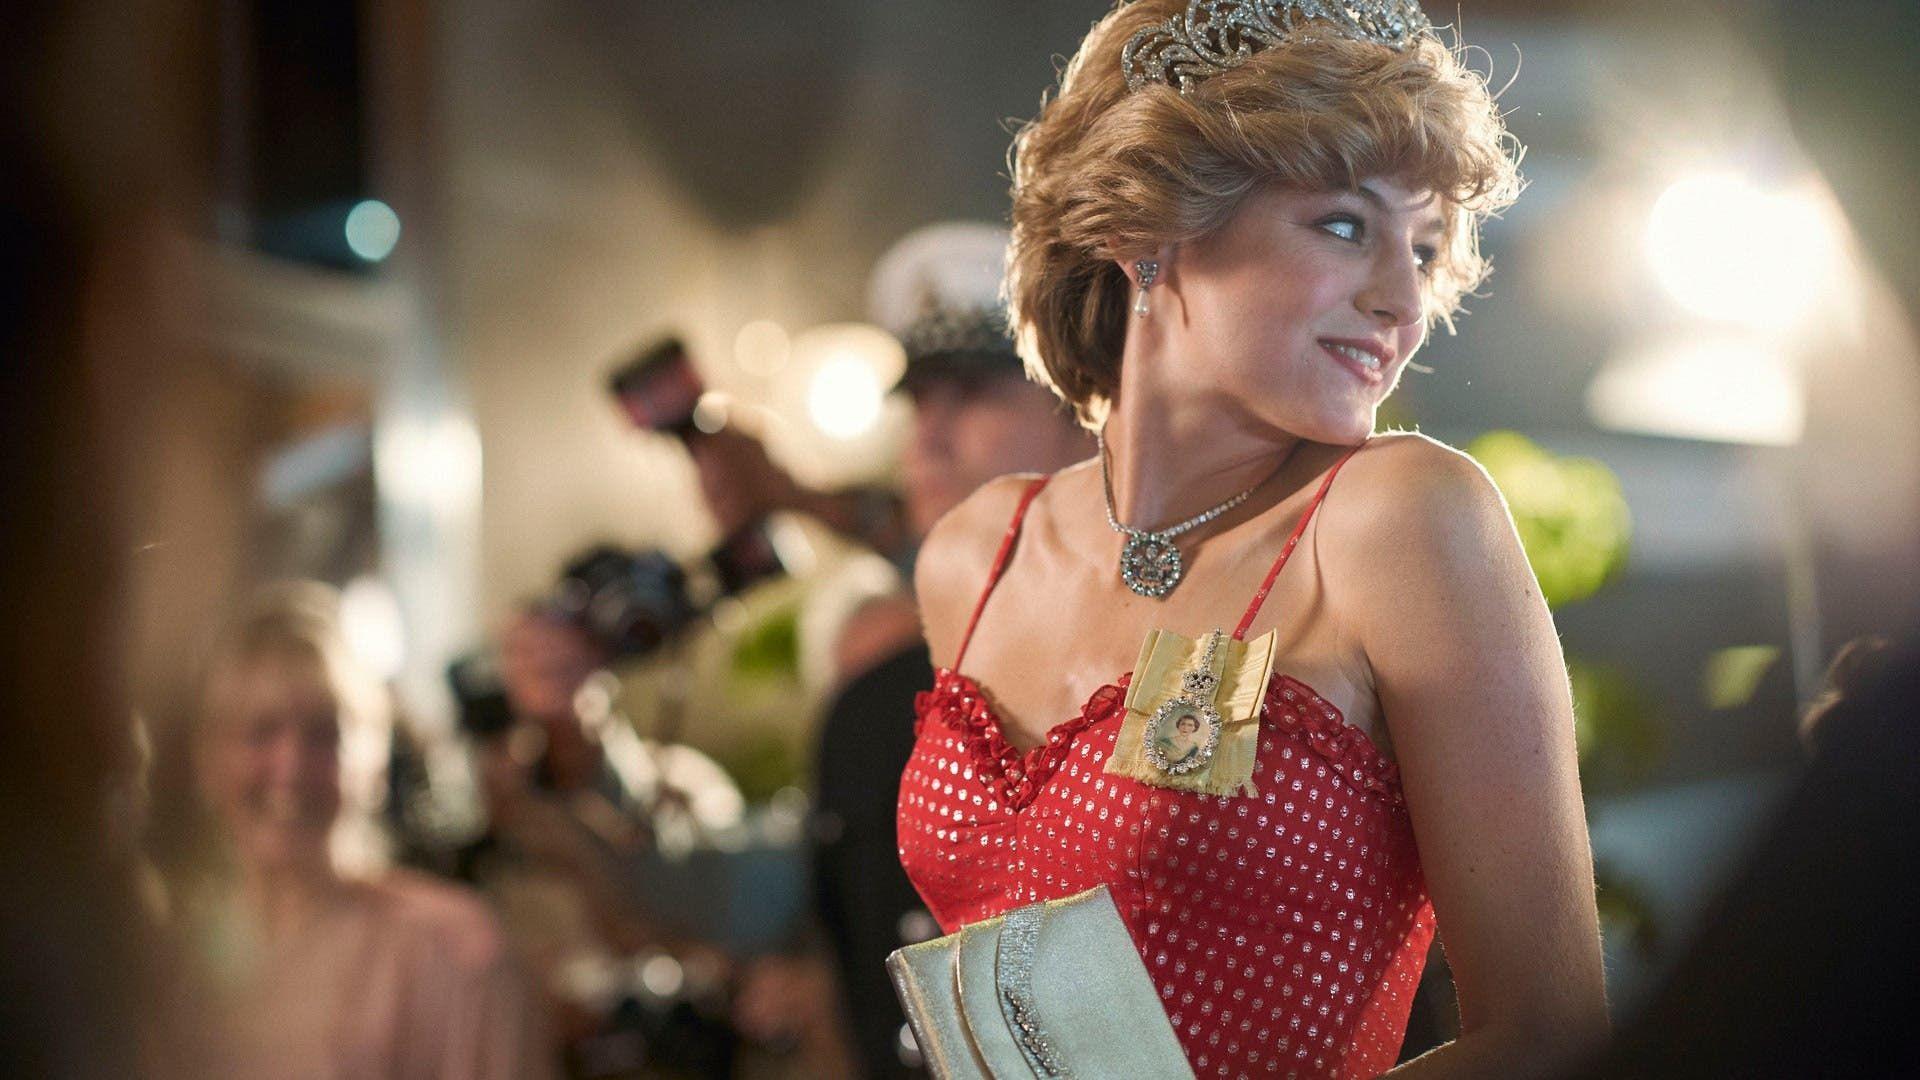 مطالبات باعتبار مسلسل The Crown خيالي وشقيق الأميرة ديانا يدعم ذلك Best Shows On Netflix Most Popular Tv Shows Shows On Netflix